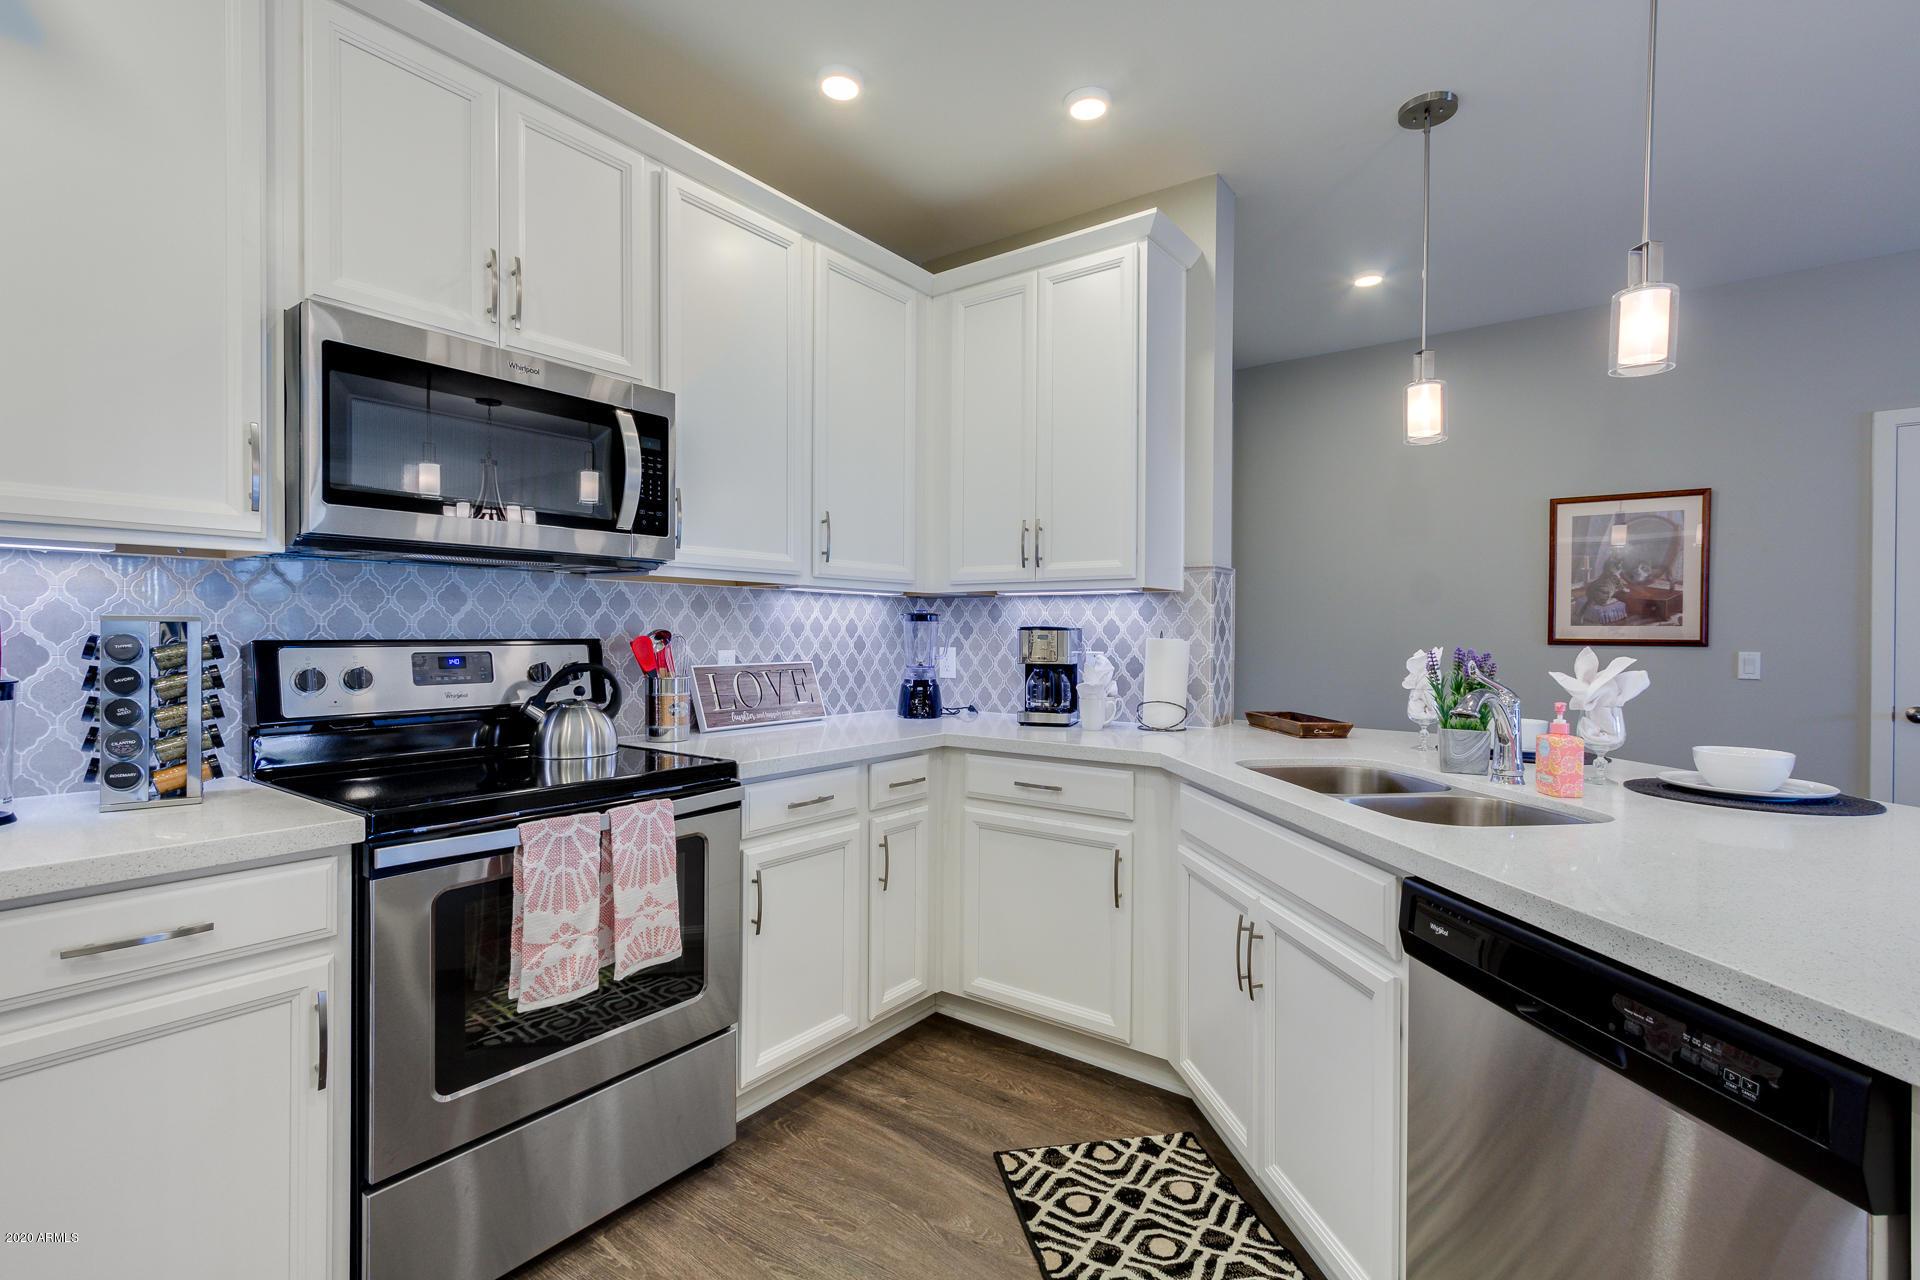 2511 W QUEEN CREEK Road # 160, Chandler, AZ 85248, 2 Bedrooms Bedrooms, ,Residential Lease,For Rent,2511 W QUEEN CREEK Road # 160,6067070